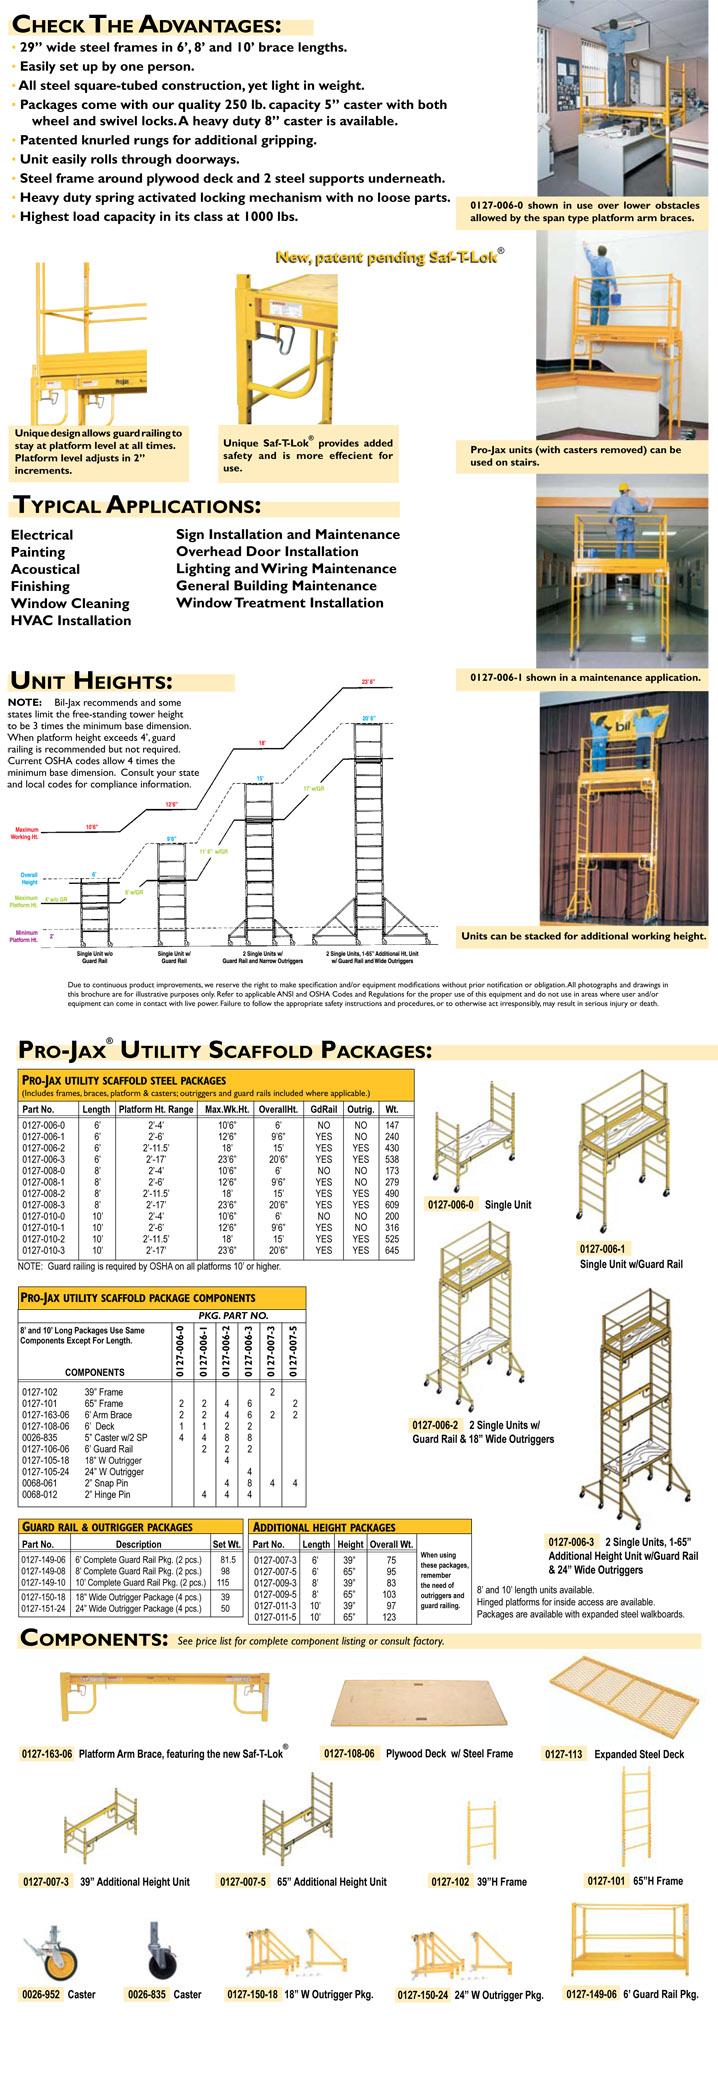 Bil Jax Scaffolding Parts : Bil jax scaffold component parts and accessories